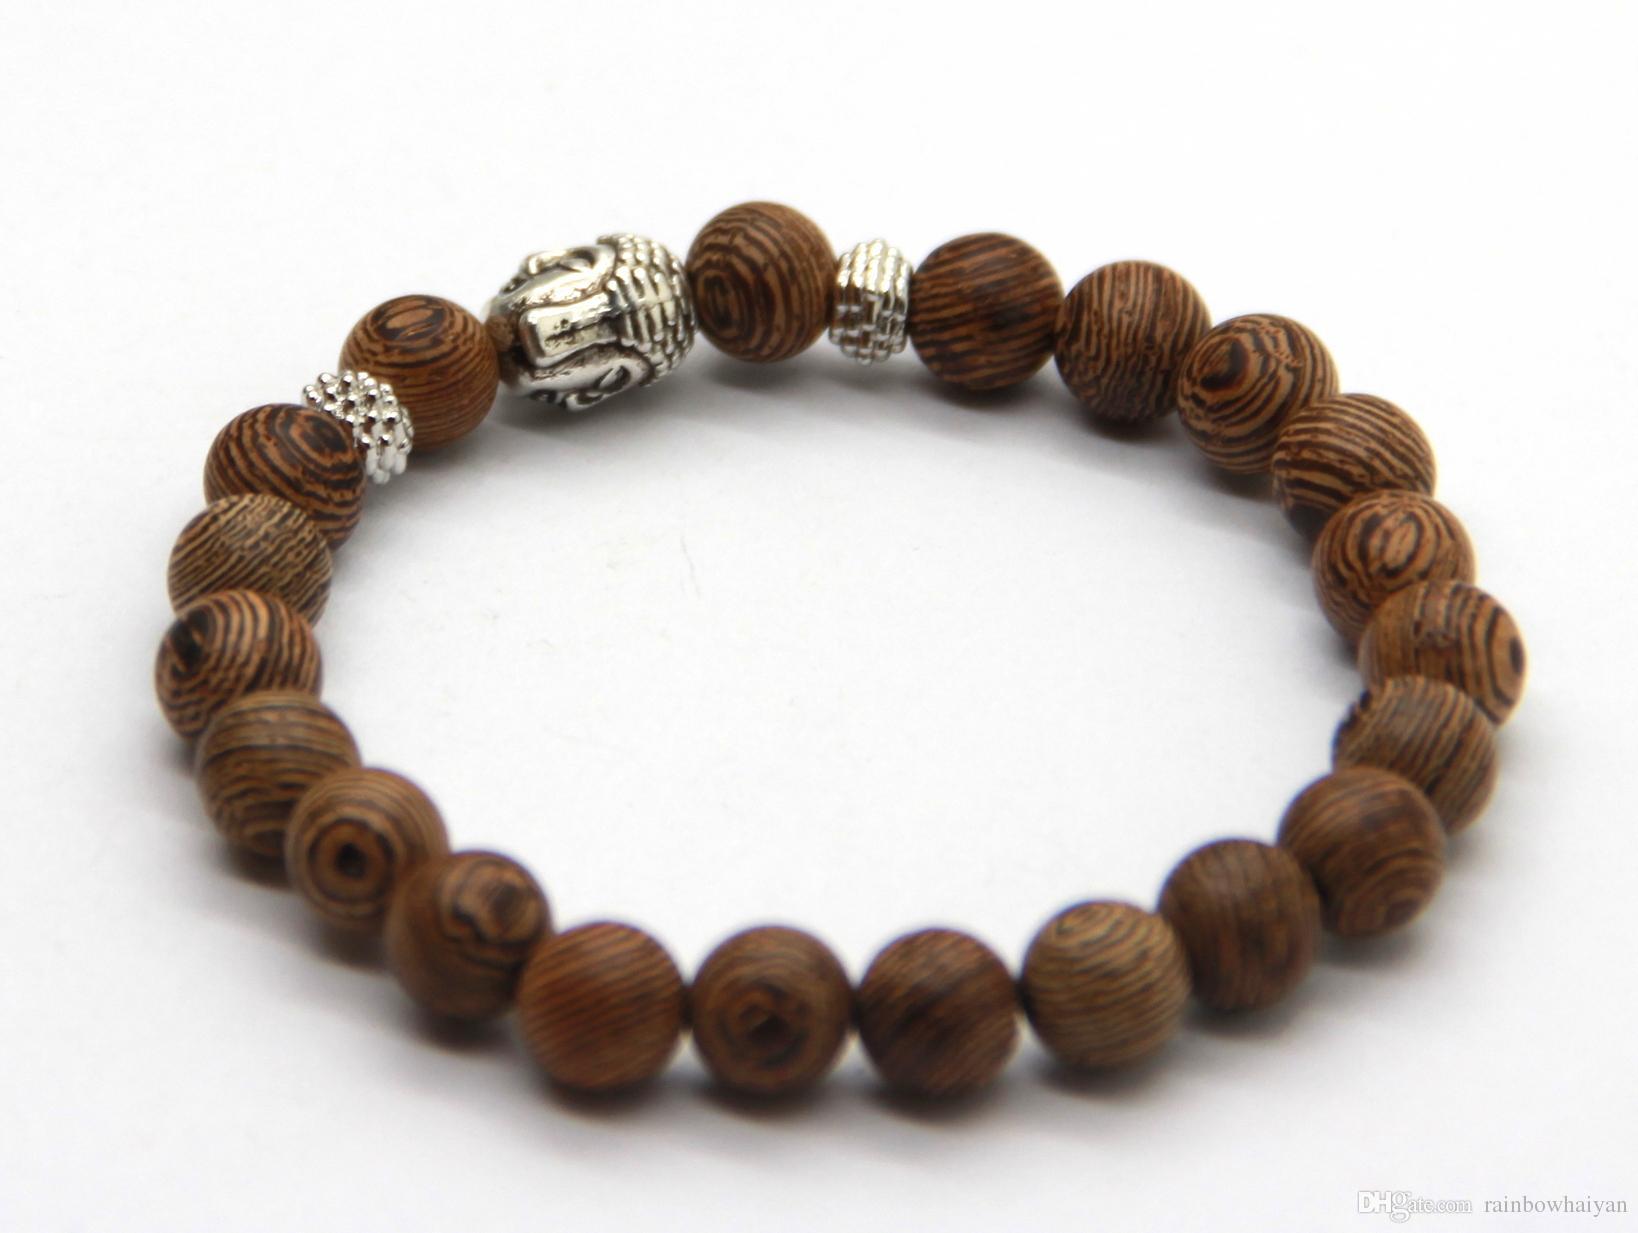 Partihandel gratis frakt 12 stycken / mycket bön mala pärlor naturliga trä armband hög kvalitet buddha huvud pärlor armband smycken